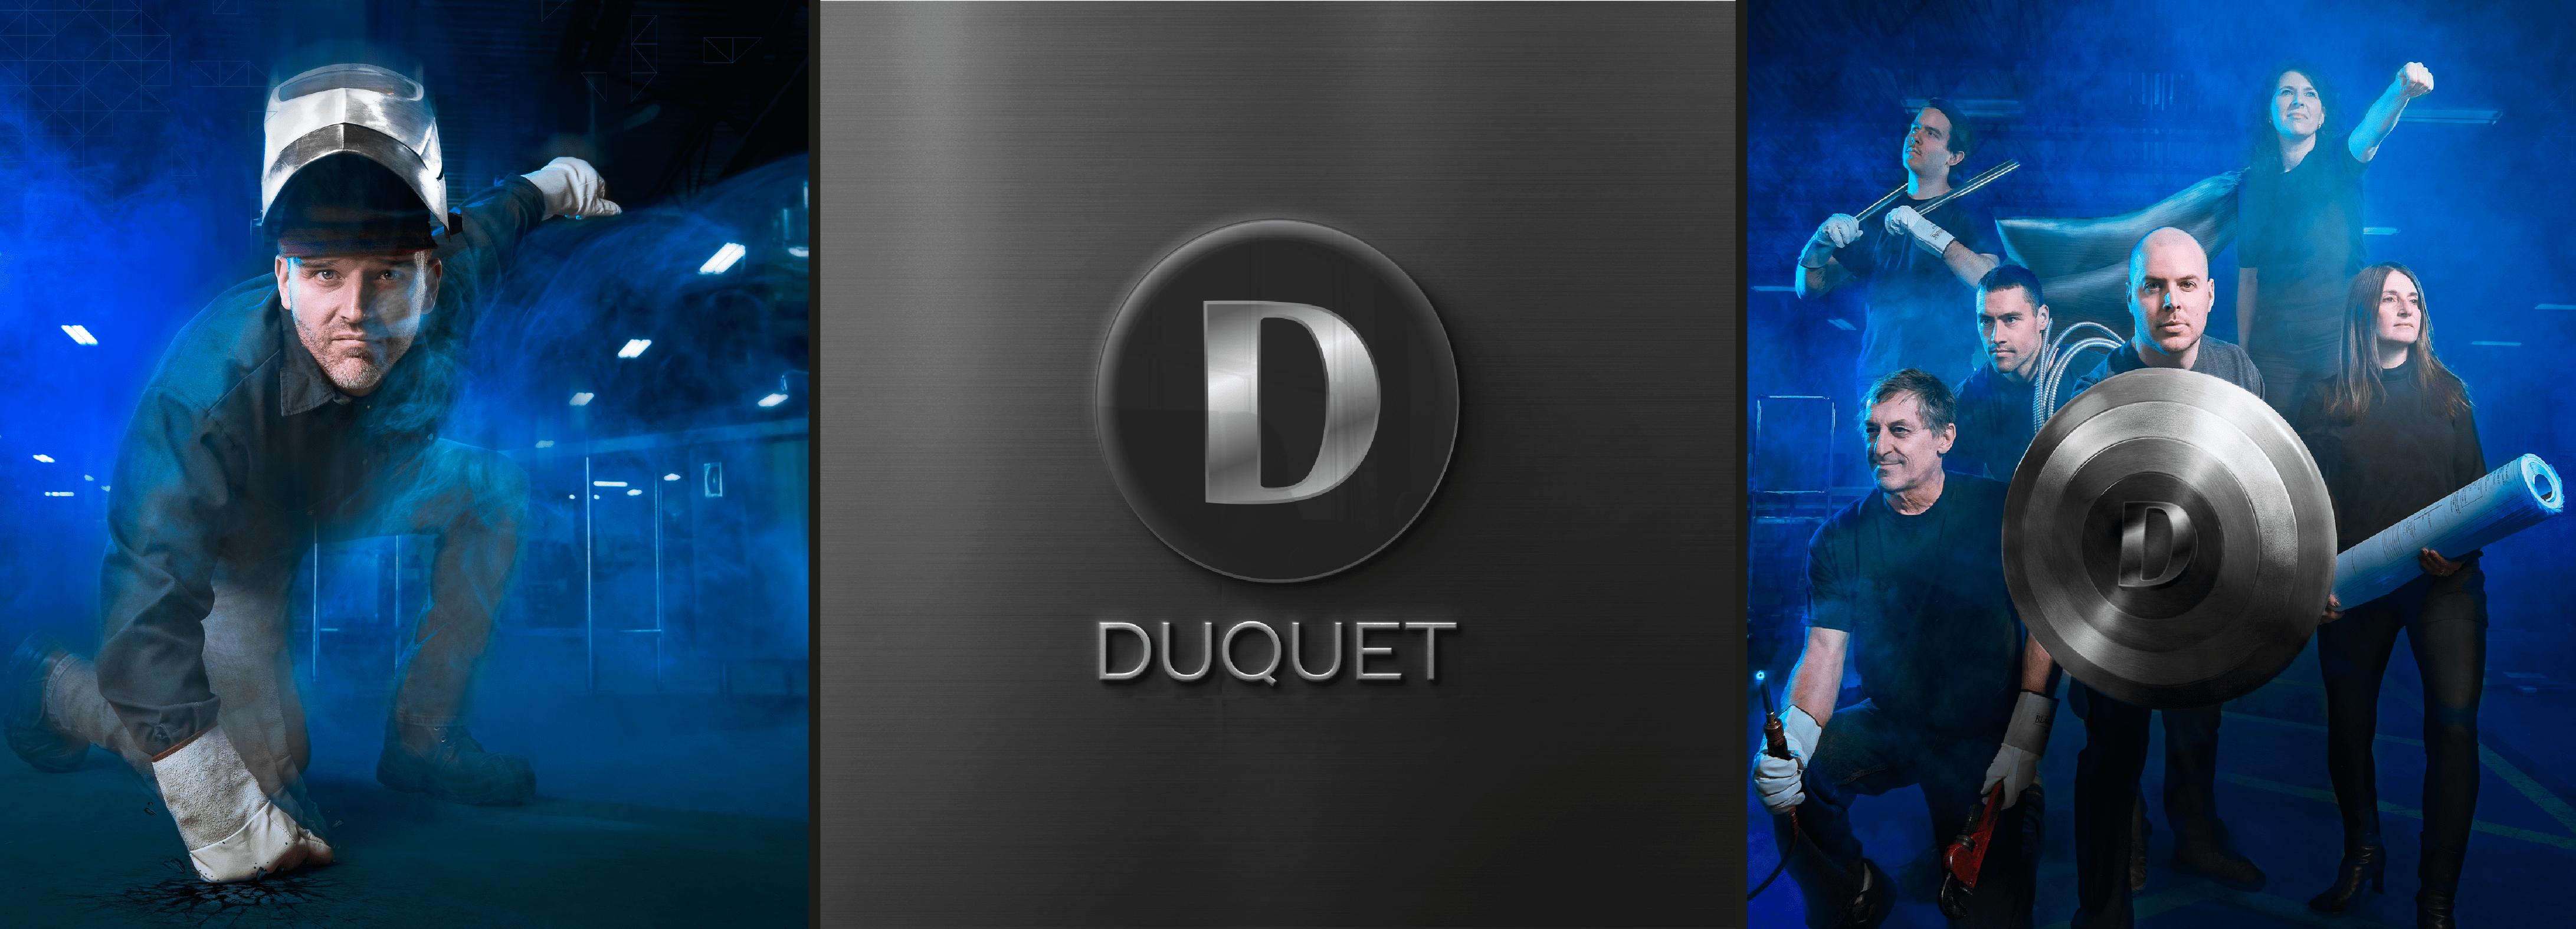 Métal Duquet laisse sa marque et vous transmet sa force pour l'inox